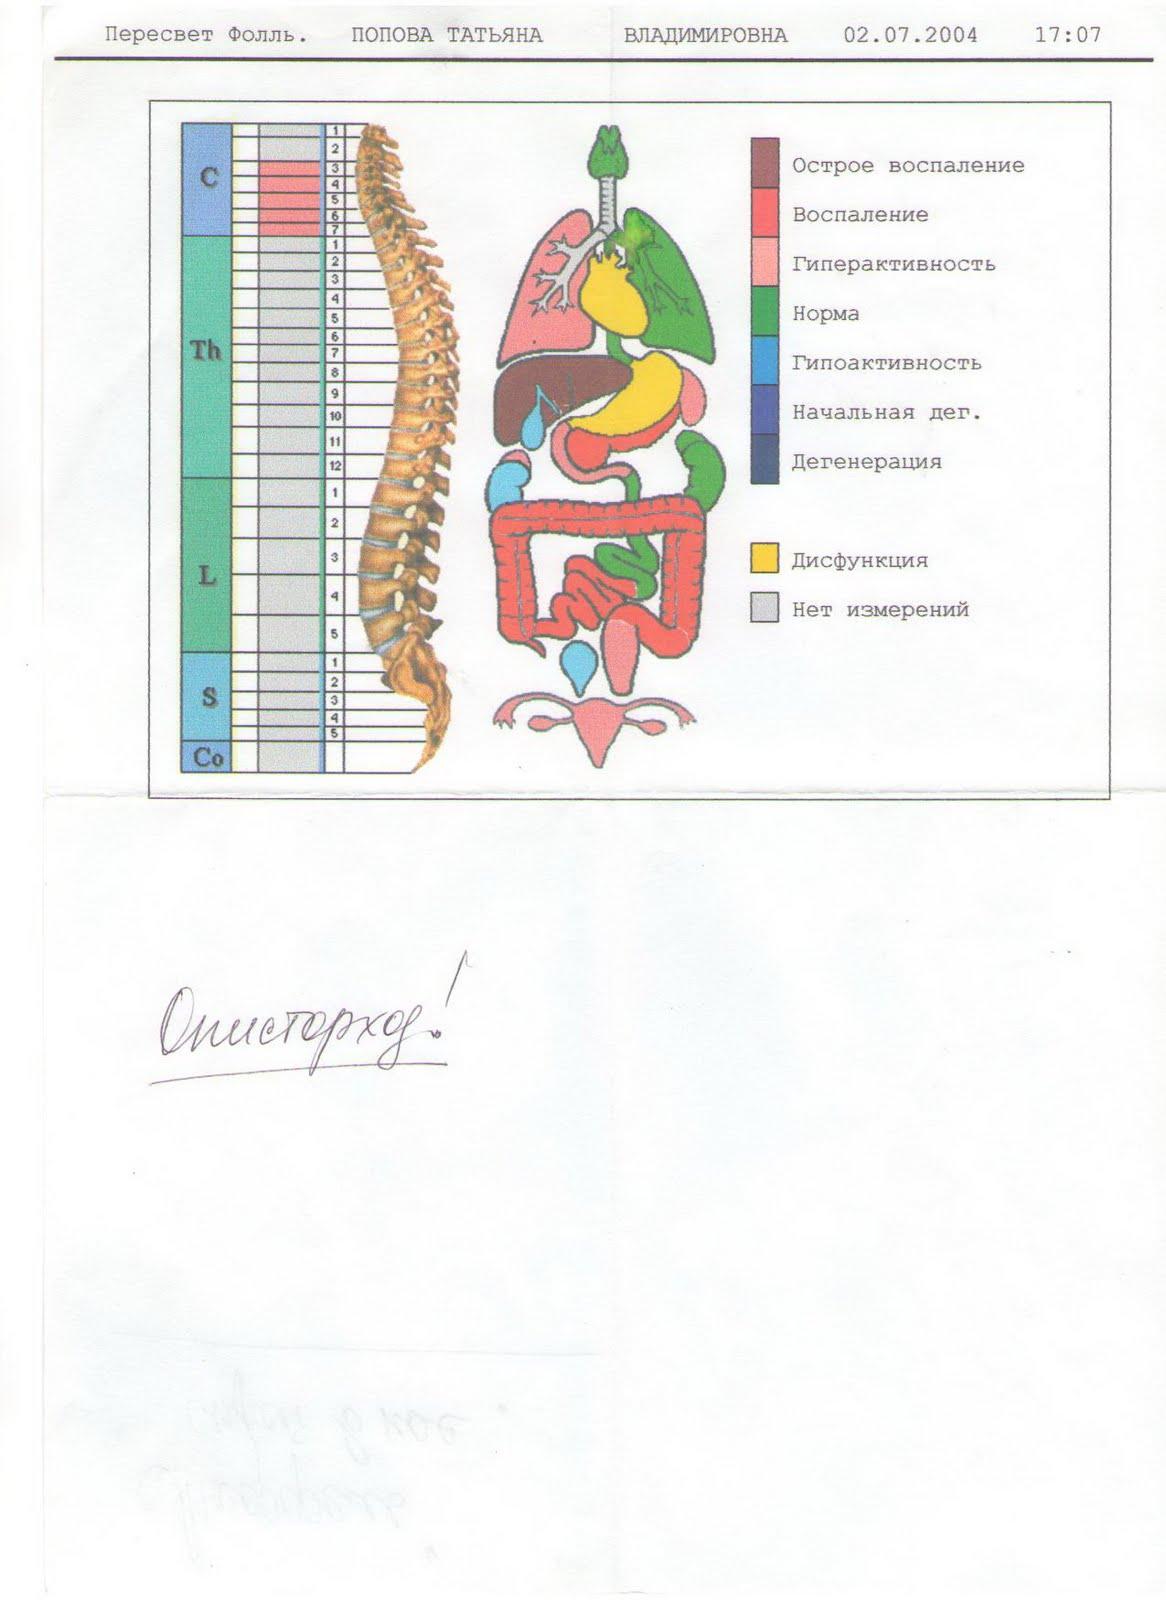 Описторхоз - постановка диагноза и лечение [Архив] - Дискуссионный